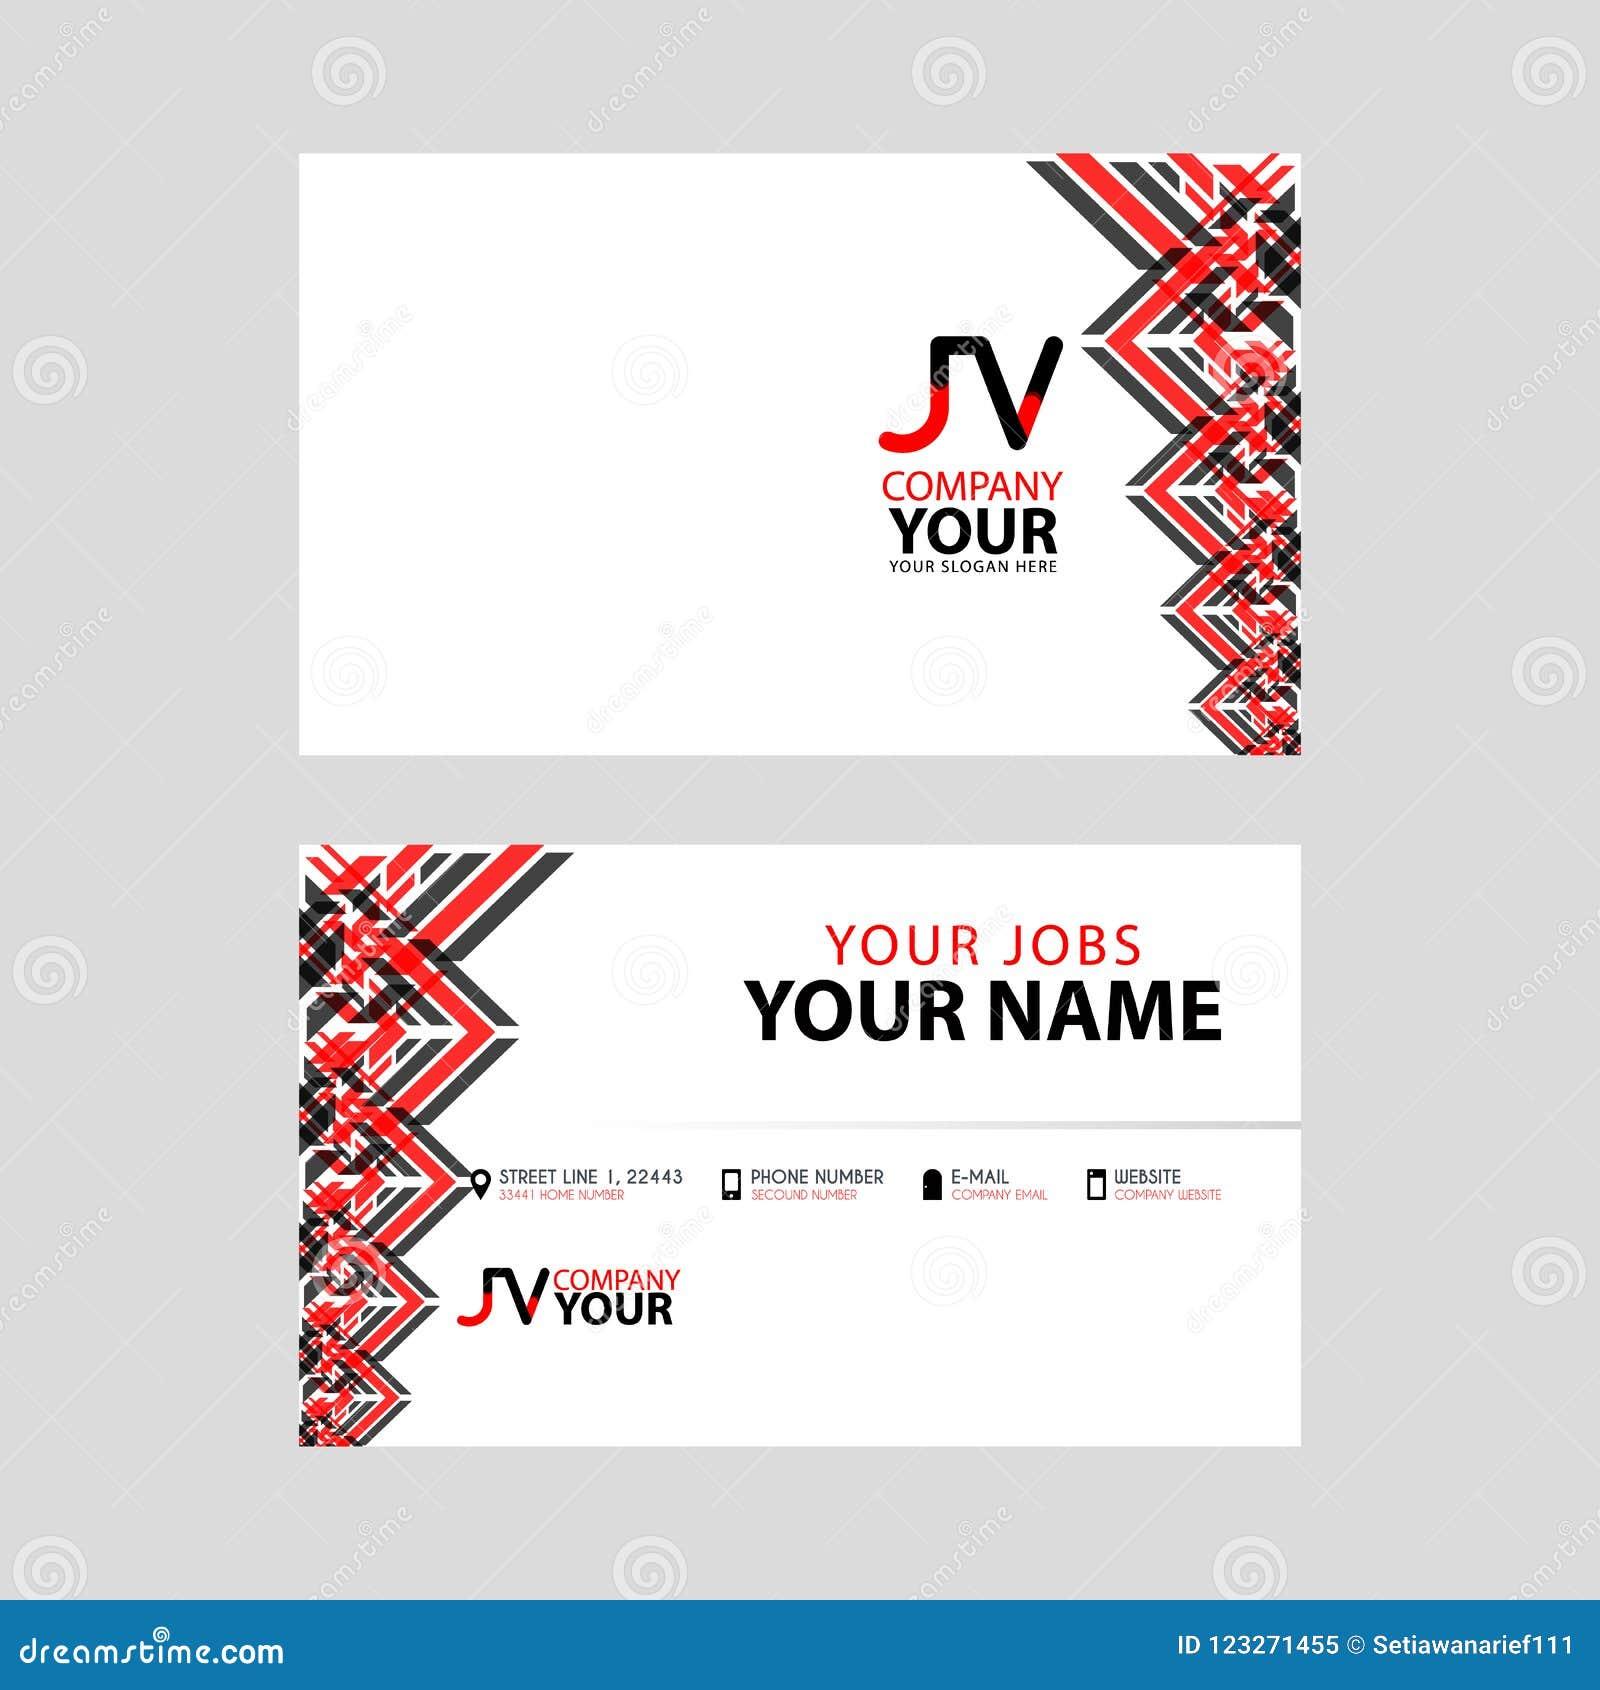 Das Jv Logo Auf Der Roten Schwarzen Visitenkarte Mit Einem